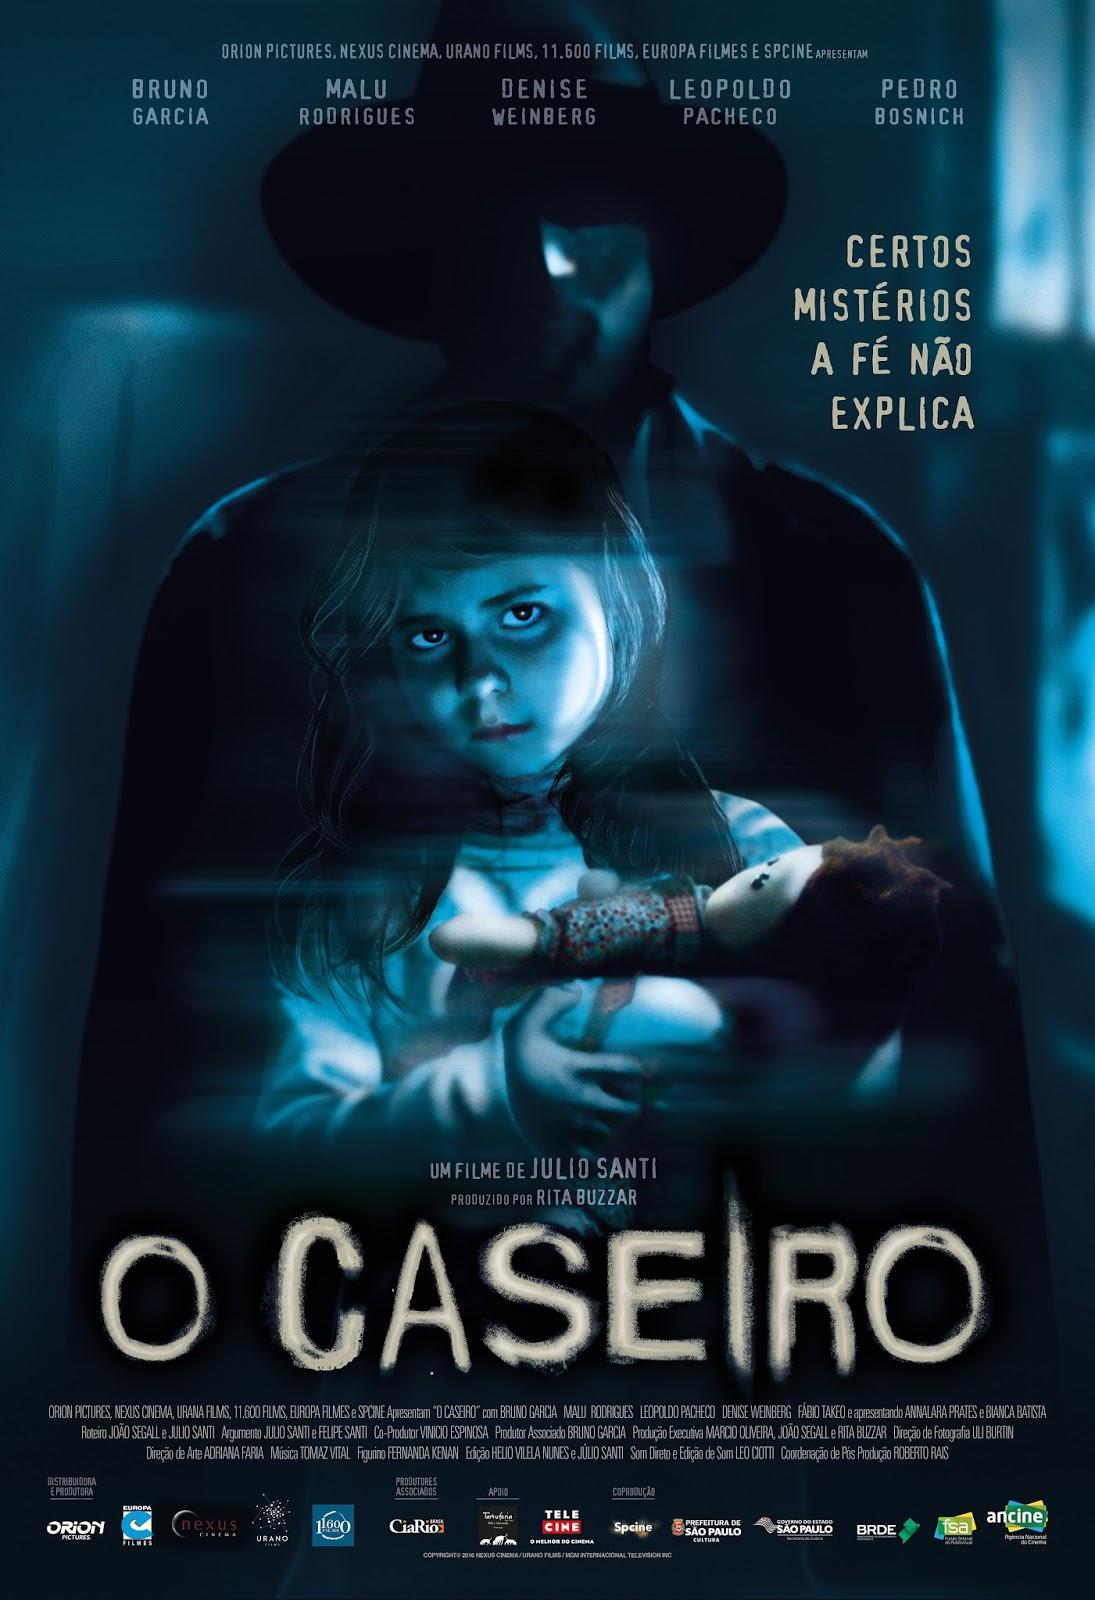 """Imagens e trailer de """"O Caseiro"""" com Bruno Garcia e Denise Weinberg"""